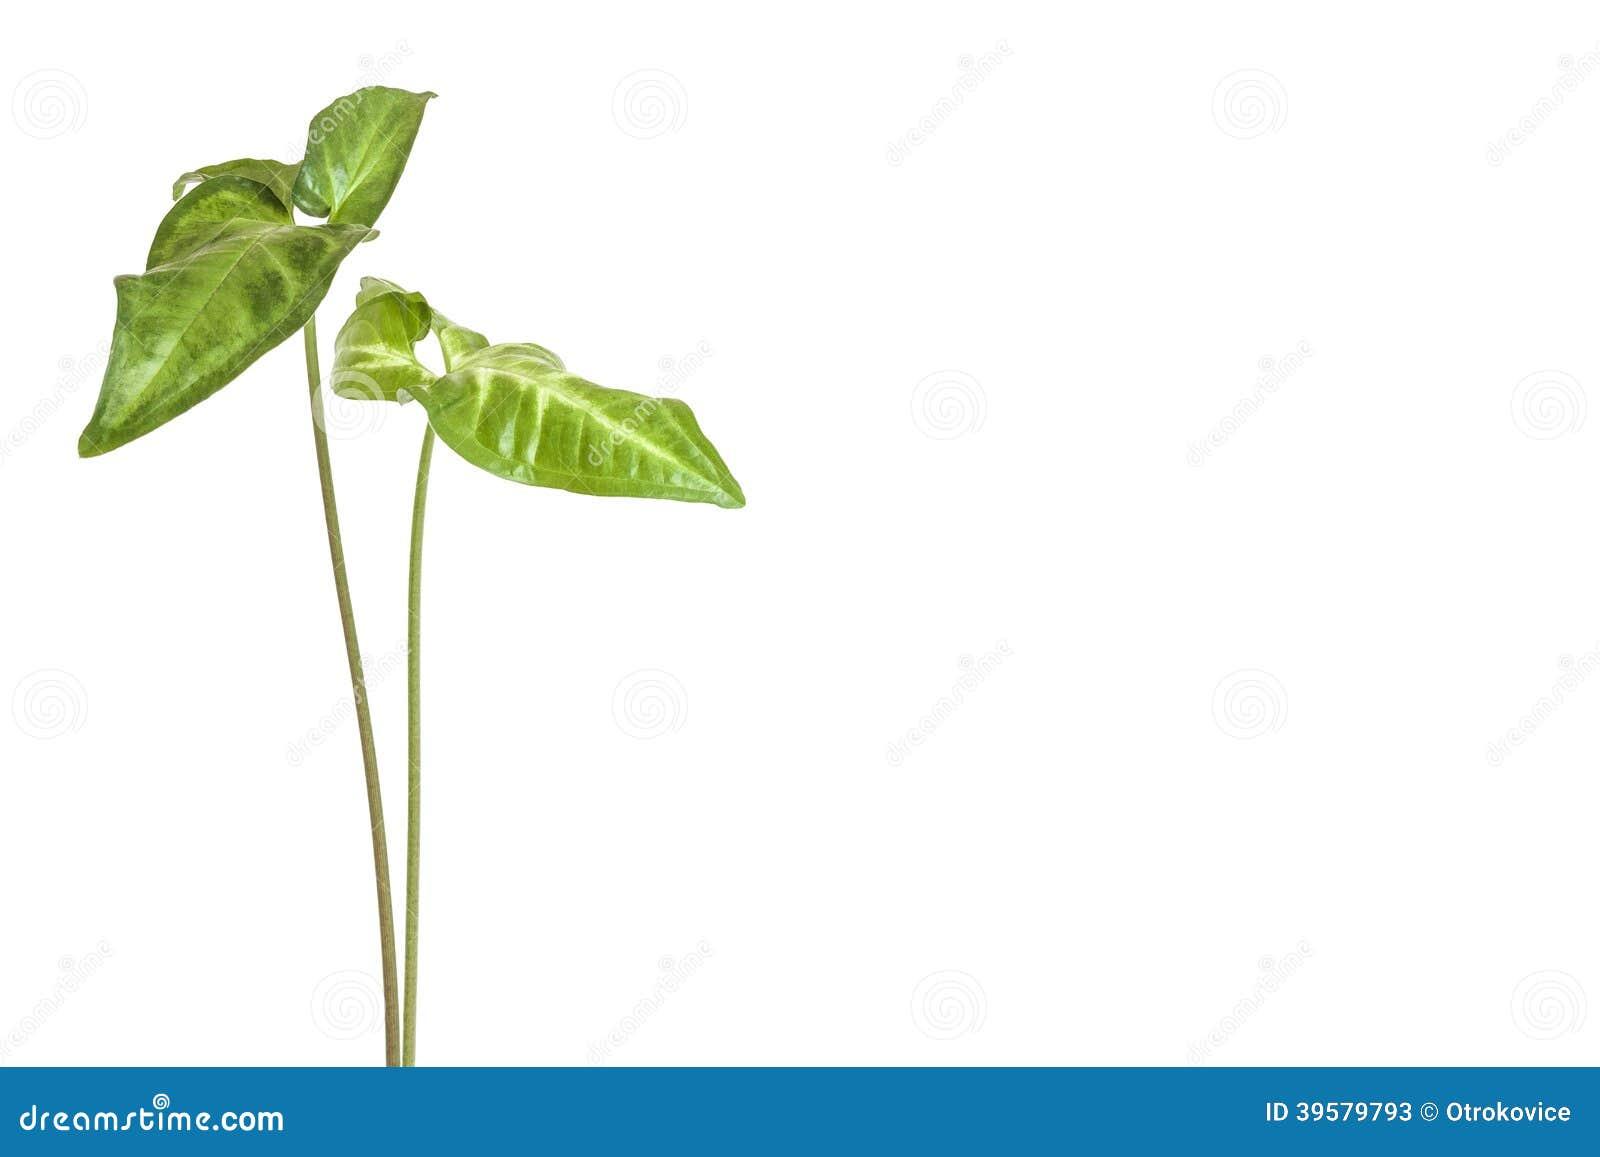 Piante Da Appartamento Syngonium.Pianta Da Appartamento Verde Immagine Stock Immagine Di Botanica